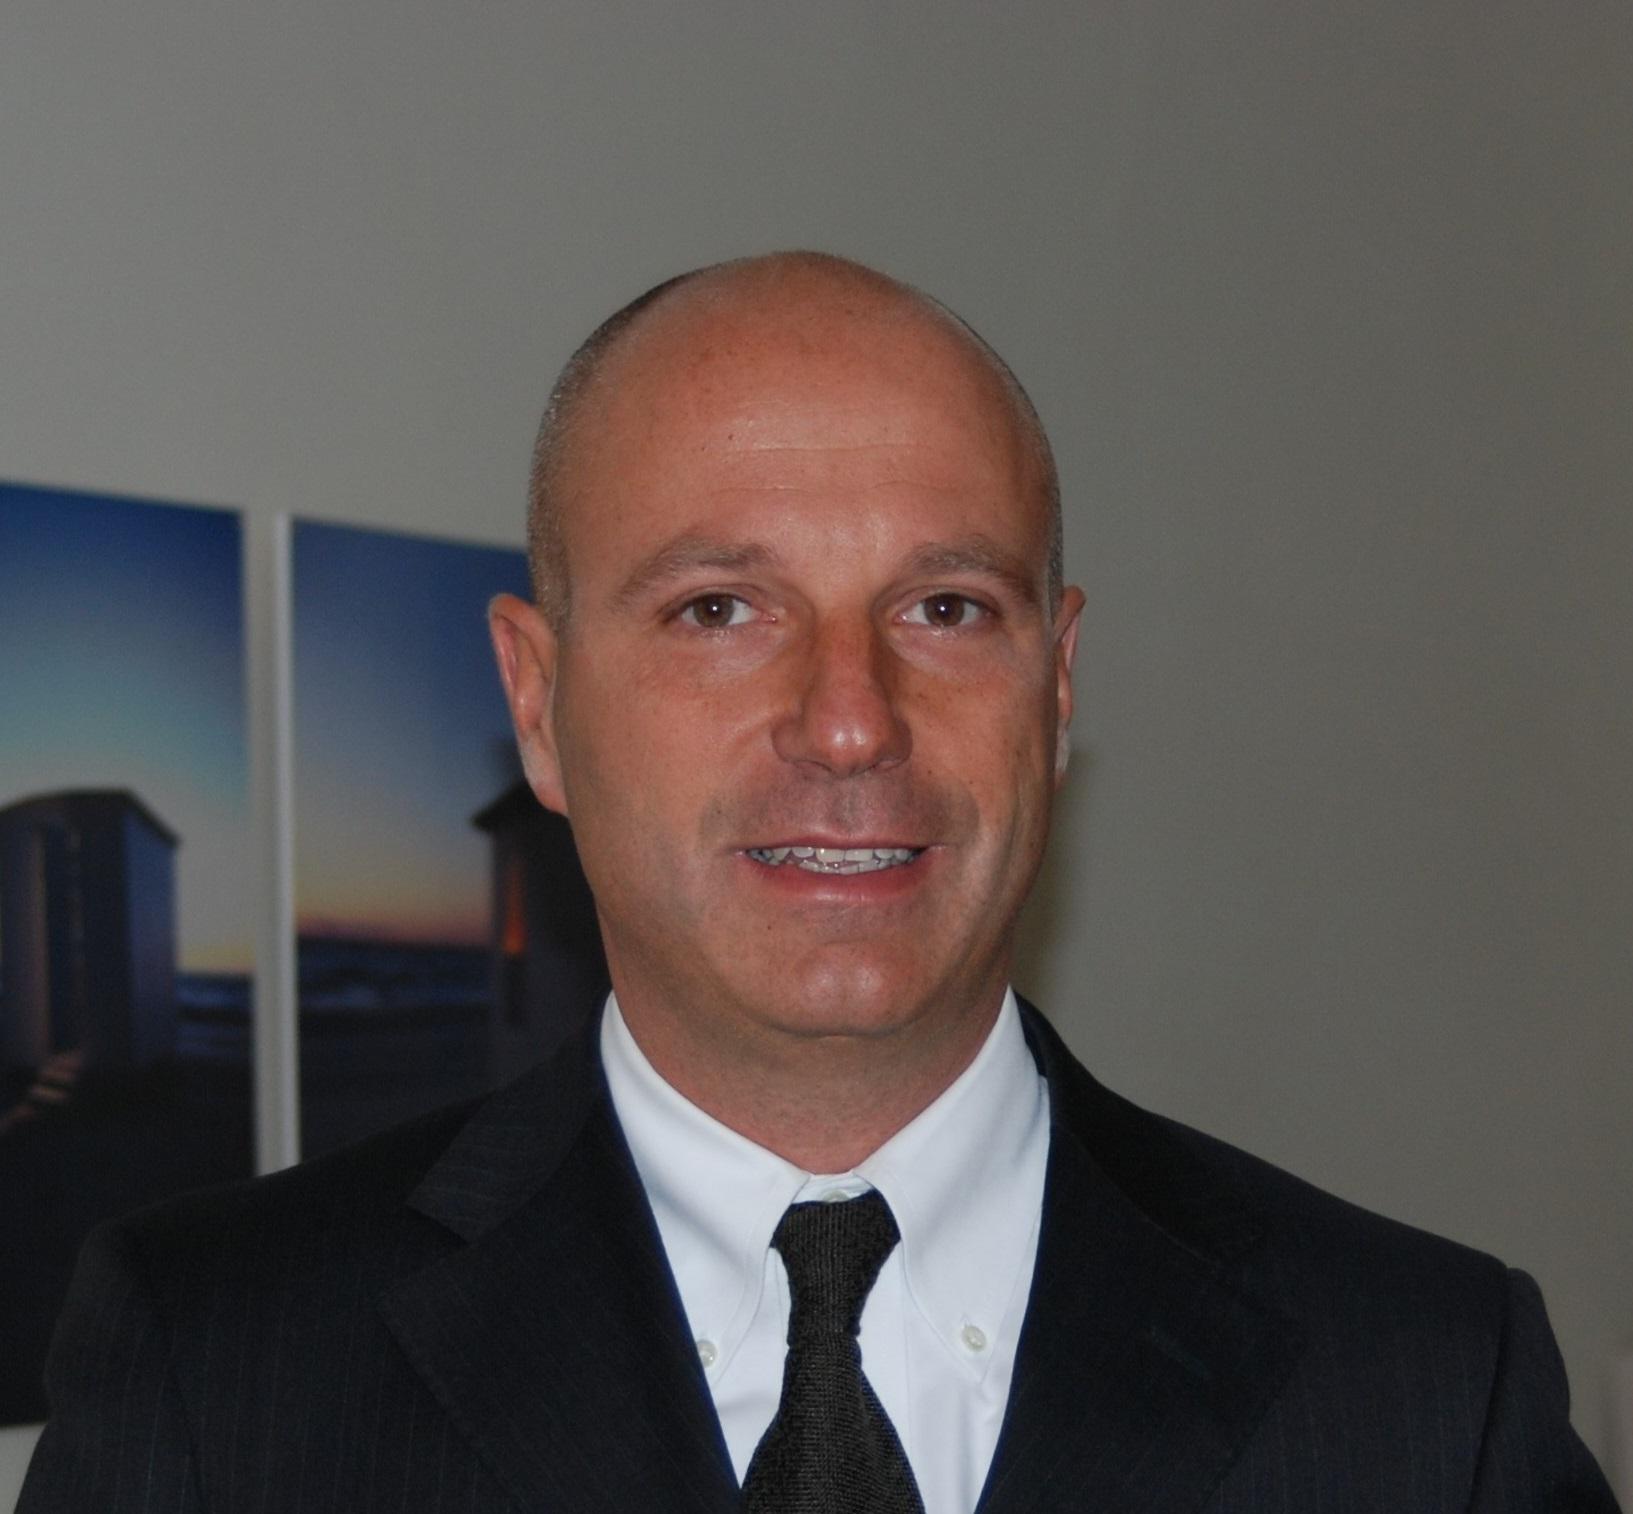 Bruno Cattoretti